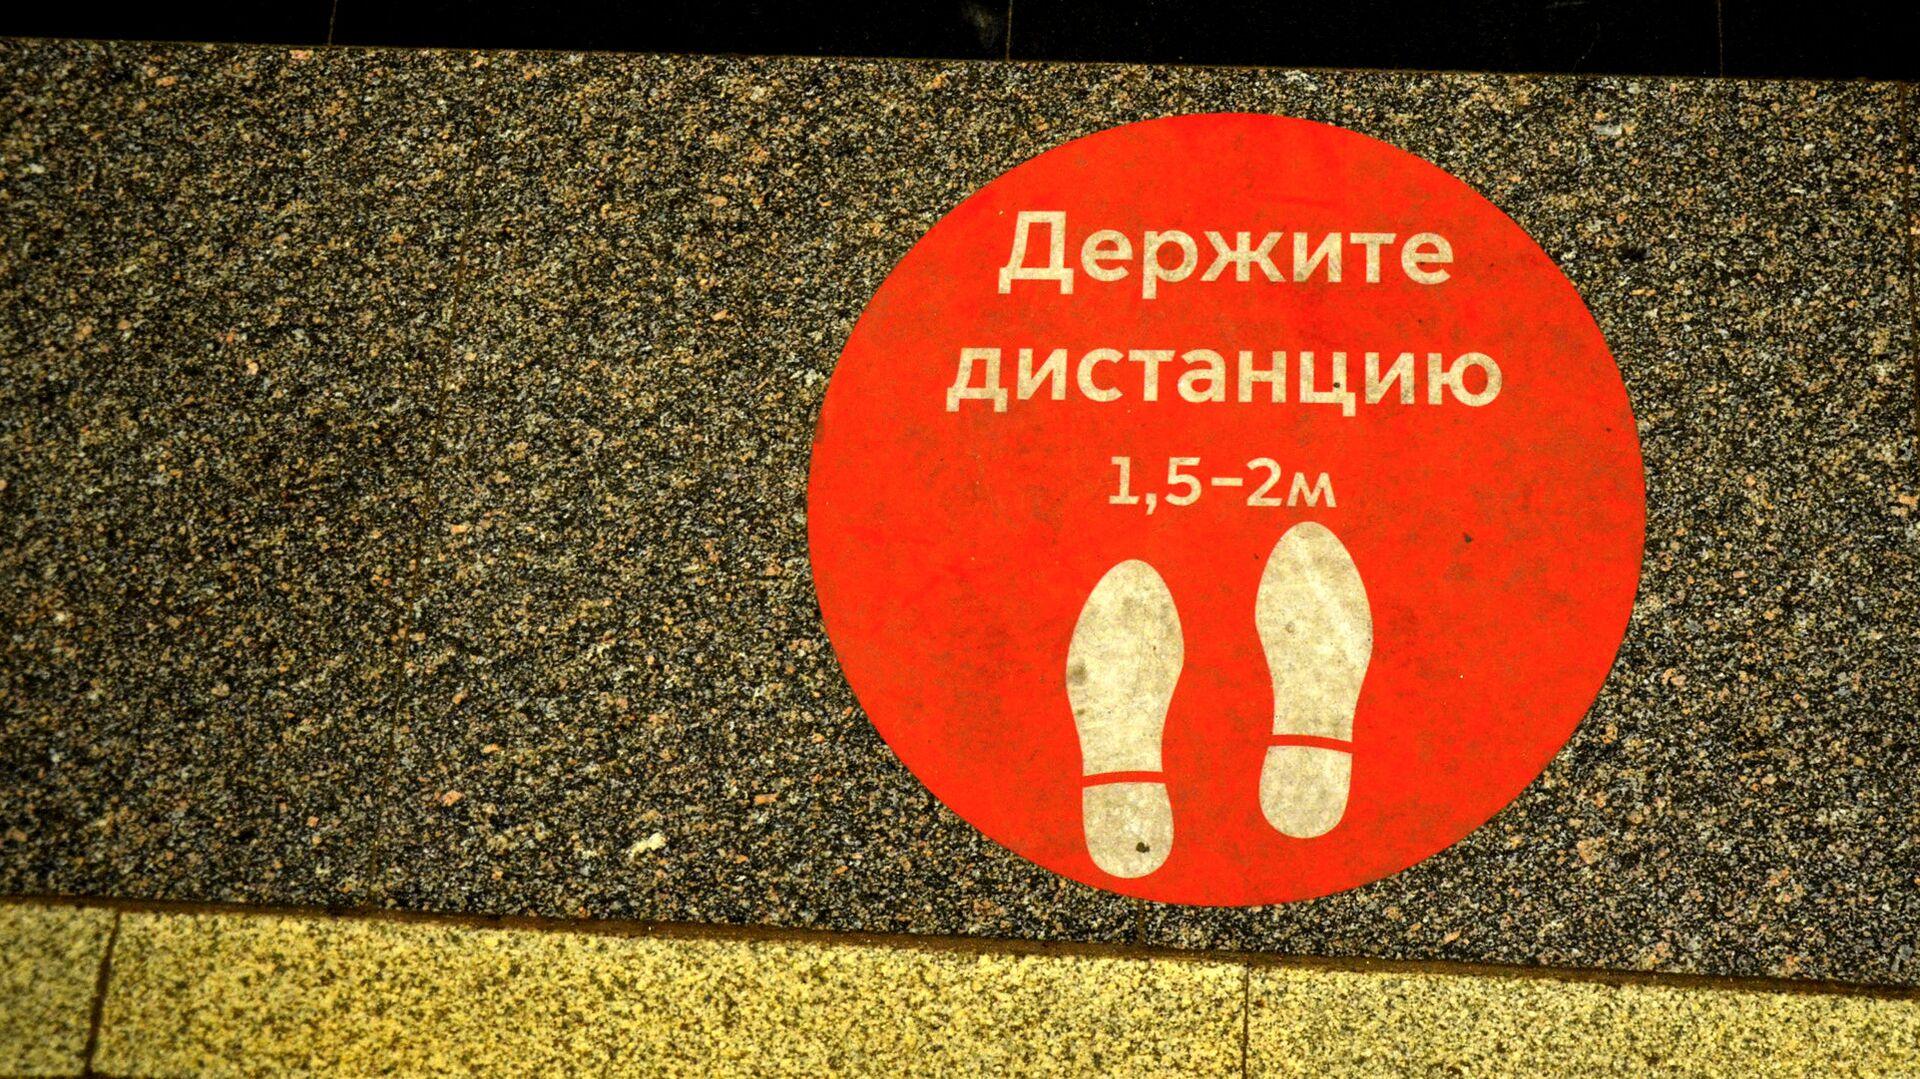 Coronavirus in Russia - segnale metropolitana di Mosca, dicembre 2020 - Sputnik Italia, 1920, 15.04.2021